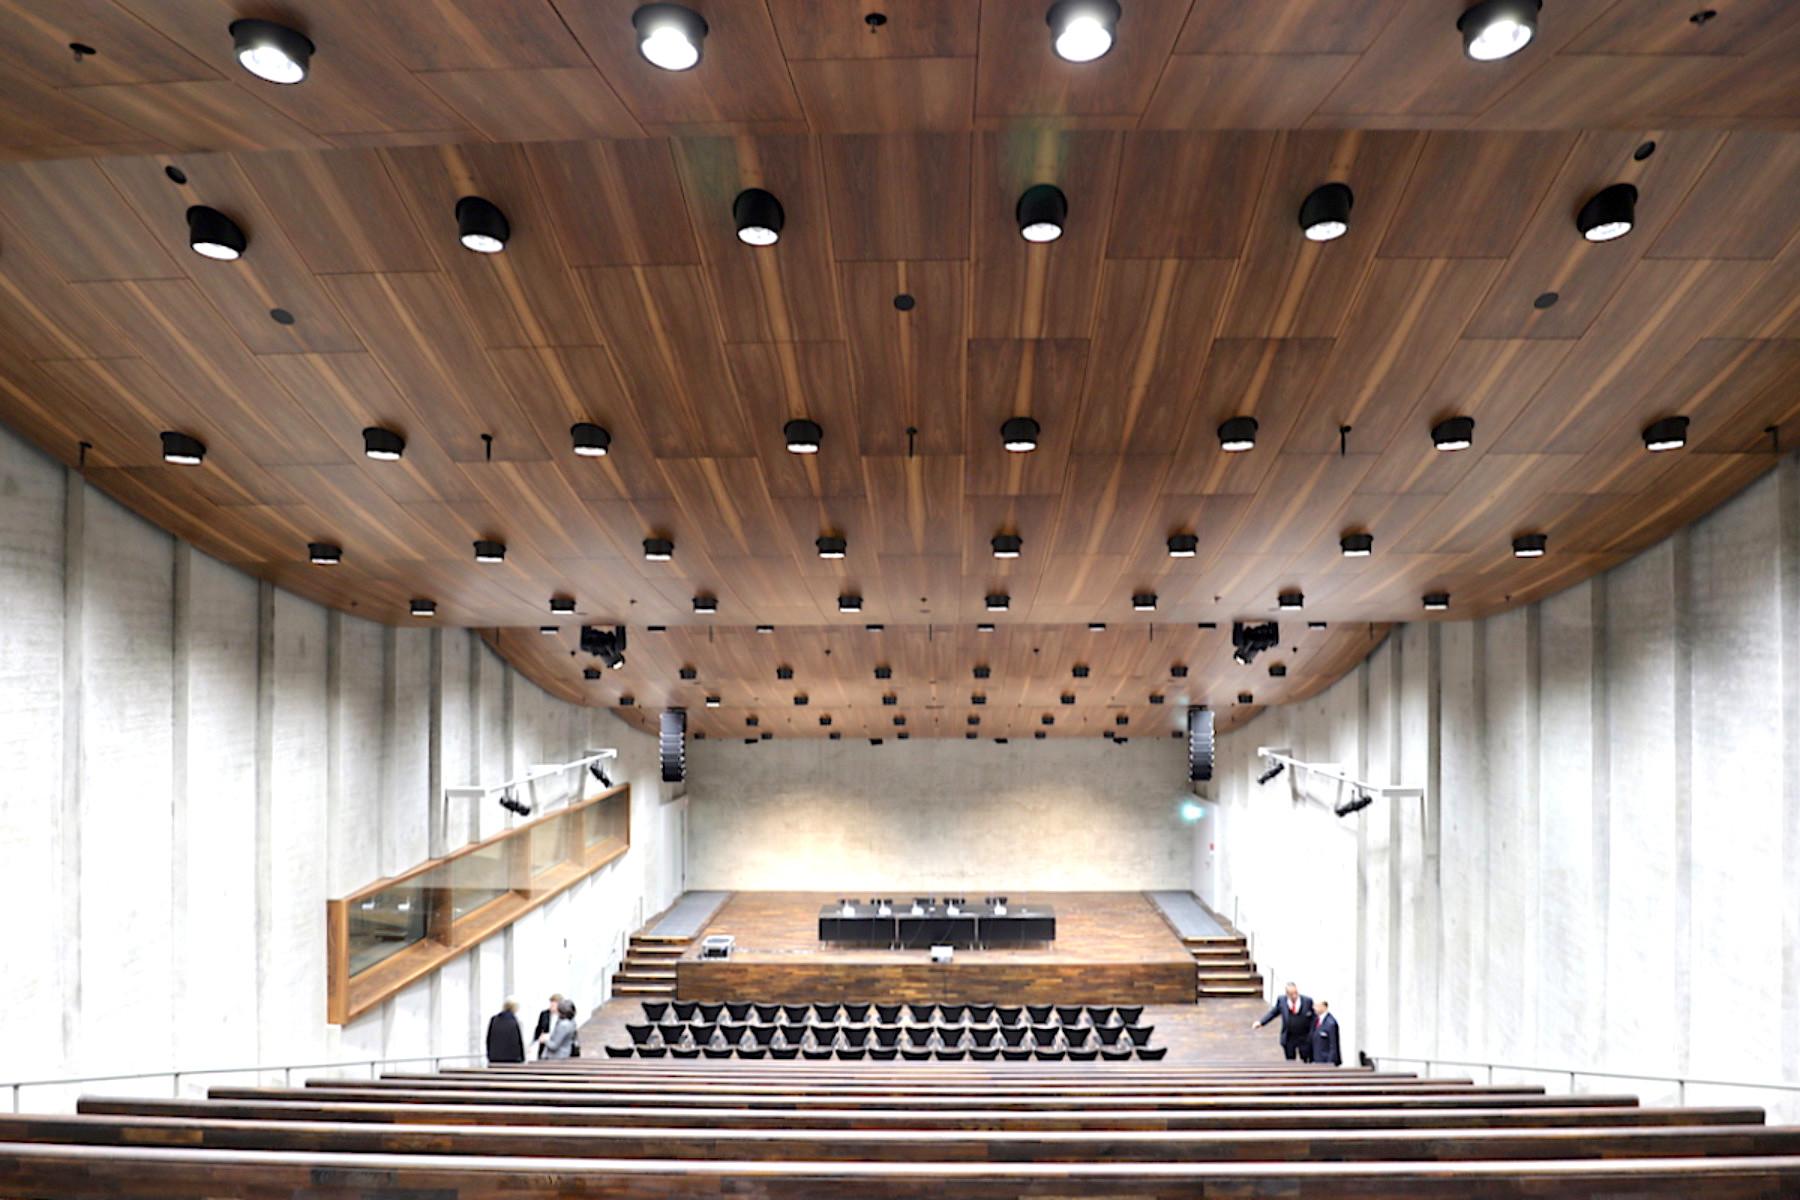 James-Simon-Galerie. Das Auditorium mit Platz für 300 Gäste.